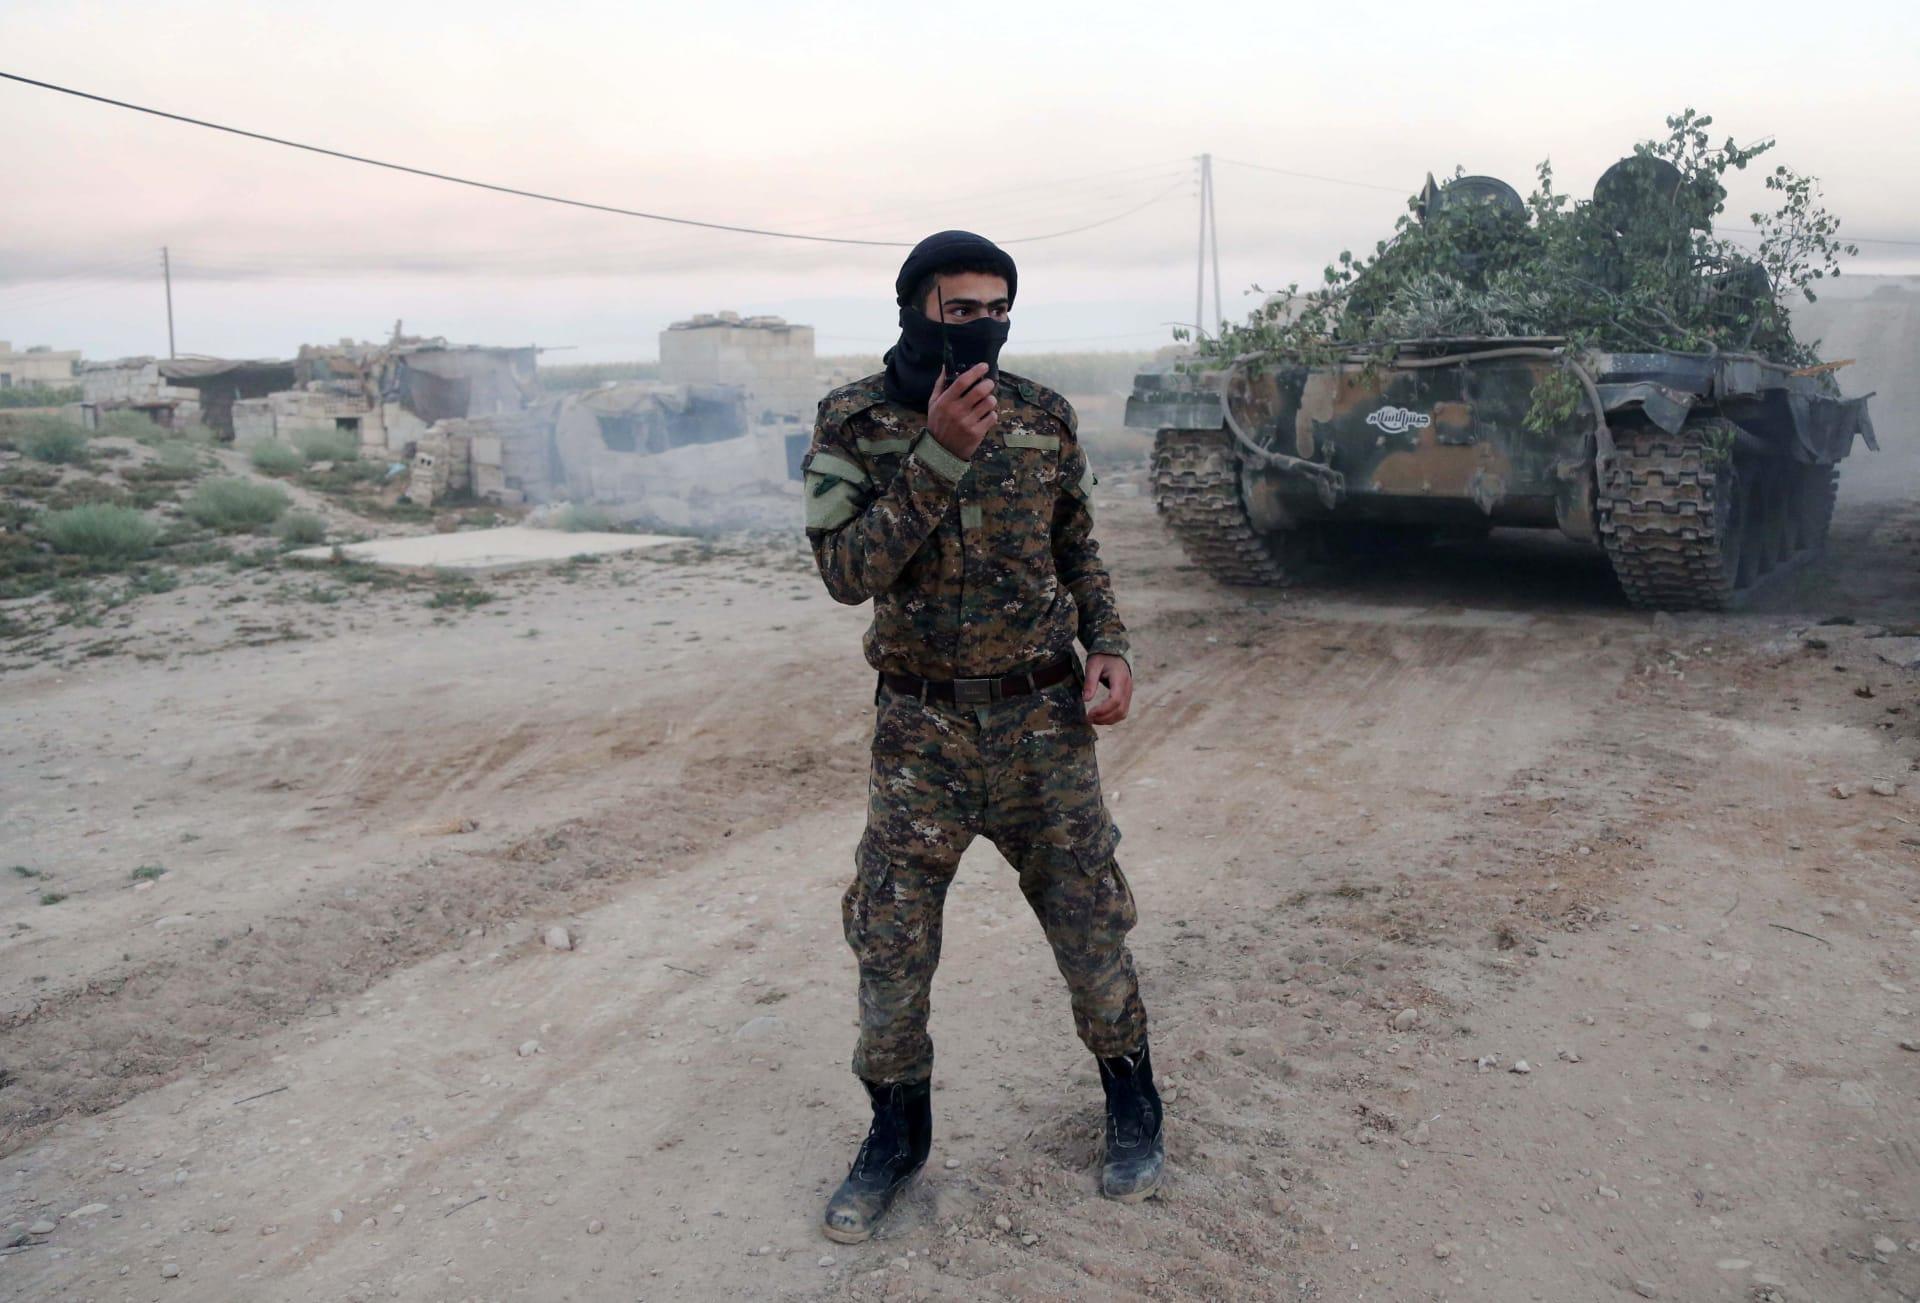 """مصدر سوري: اتفاق يقضي بخروج """"جيش الإسلام"""" من الغوطة خلال 48 ساعة"""